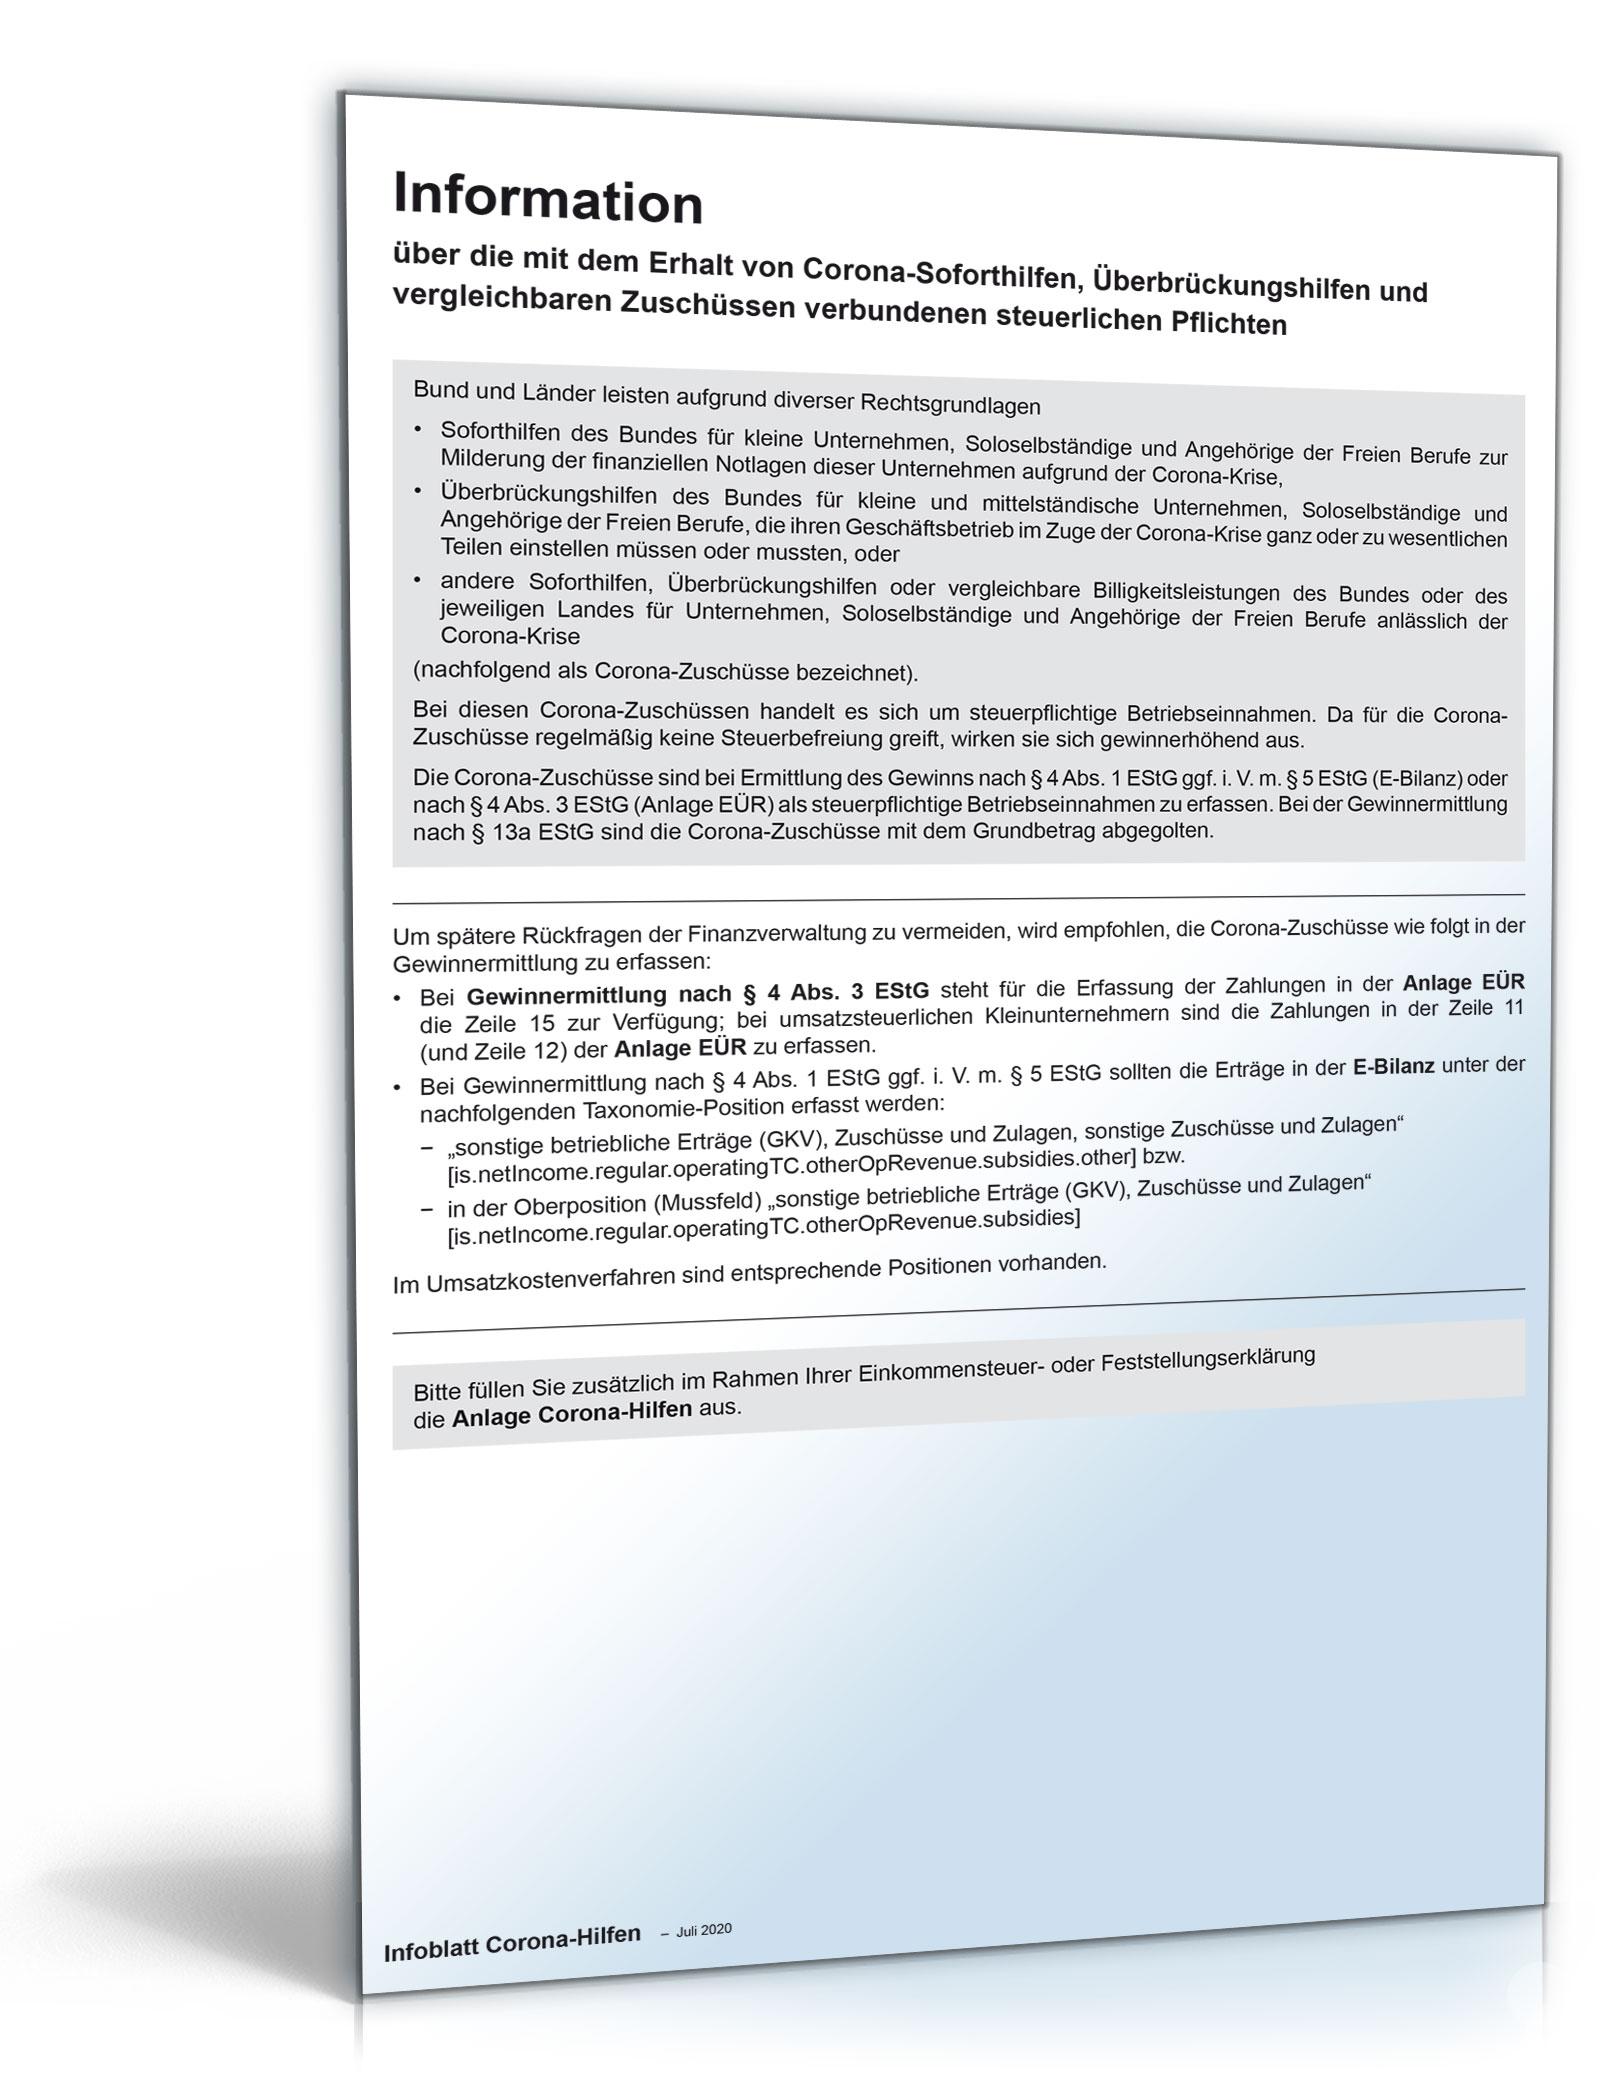 Infoblatt Corona 2020 Dokument zum Download